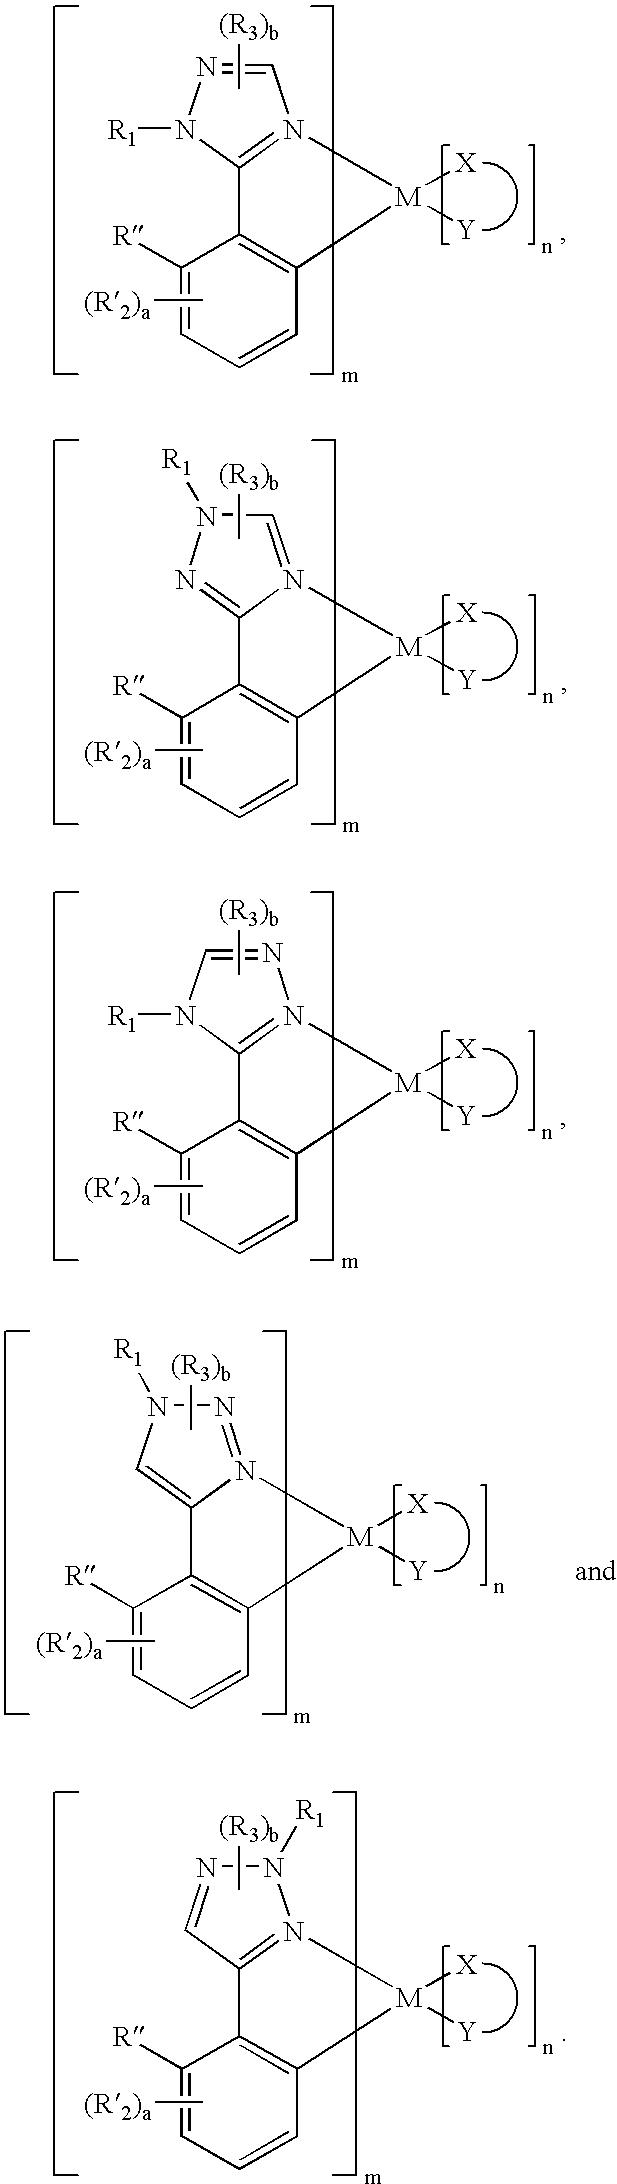 Figure US20060008670A1-20060112-C00054